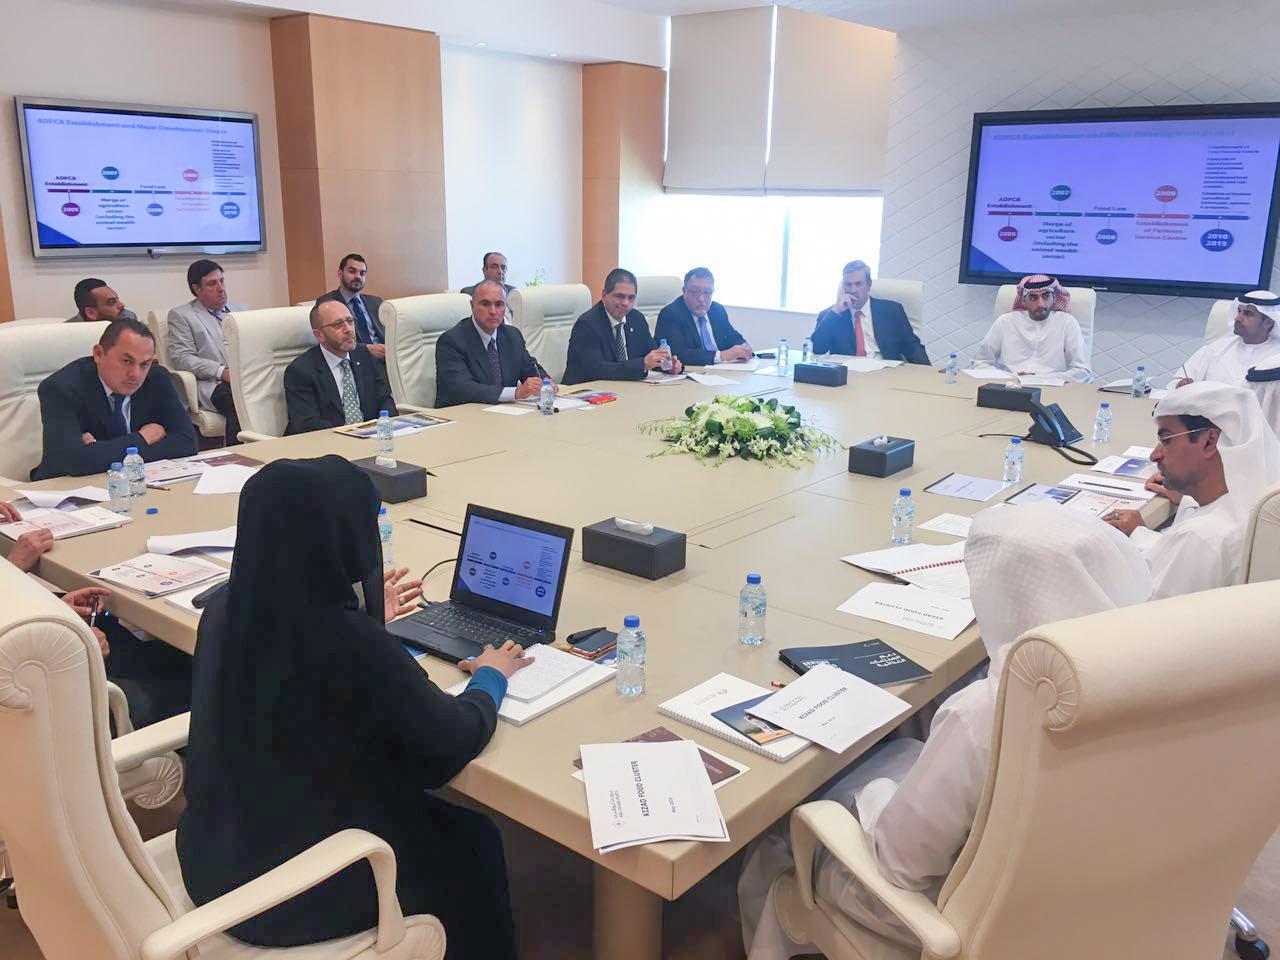 Misión comercial en países árabes obtiene resultados positivos  para los productores mexicanos, quienes empiezan a establecer relaciones comerciales con compradores de la Península Arábiga.